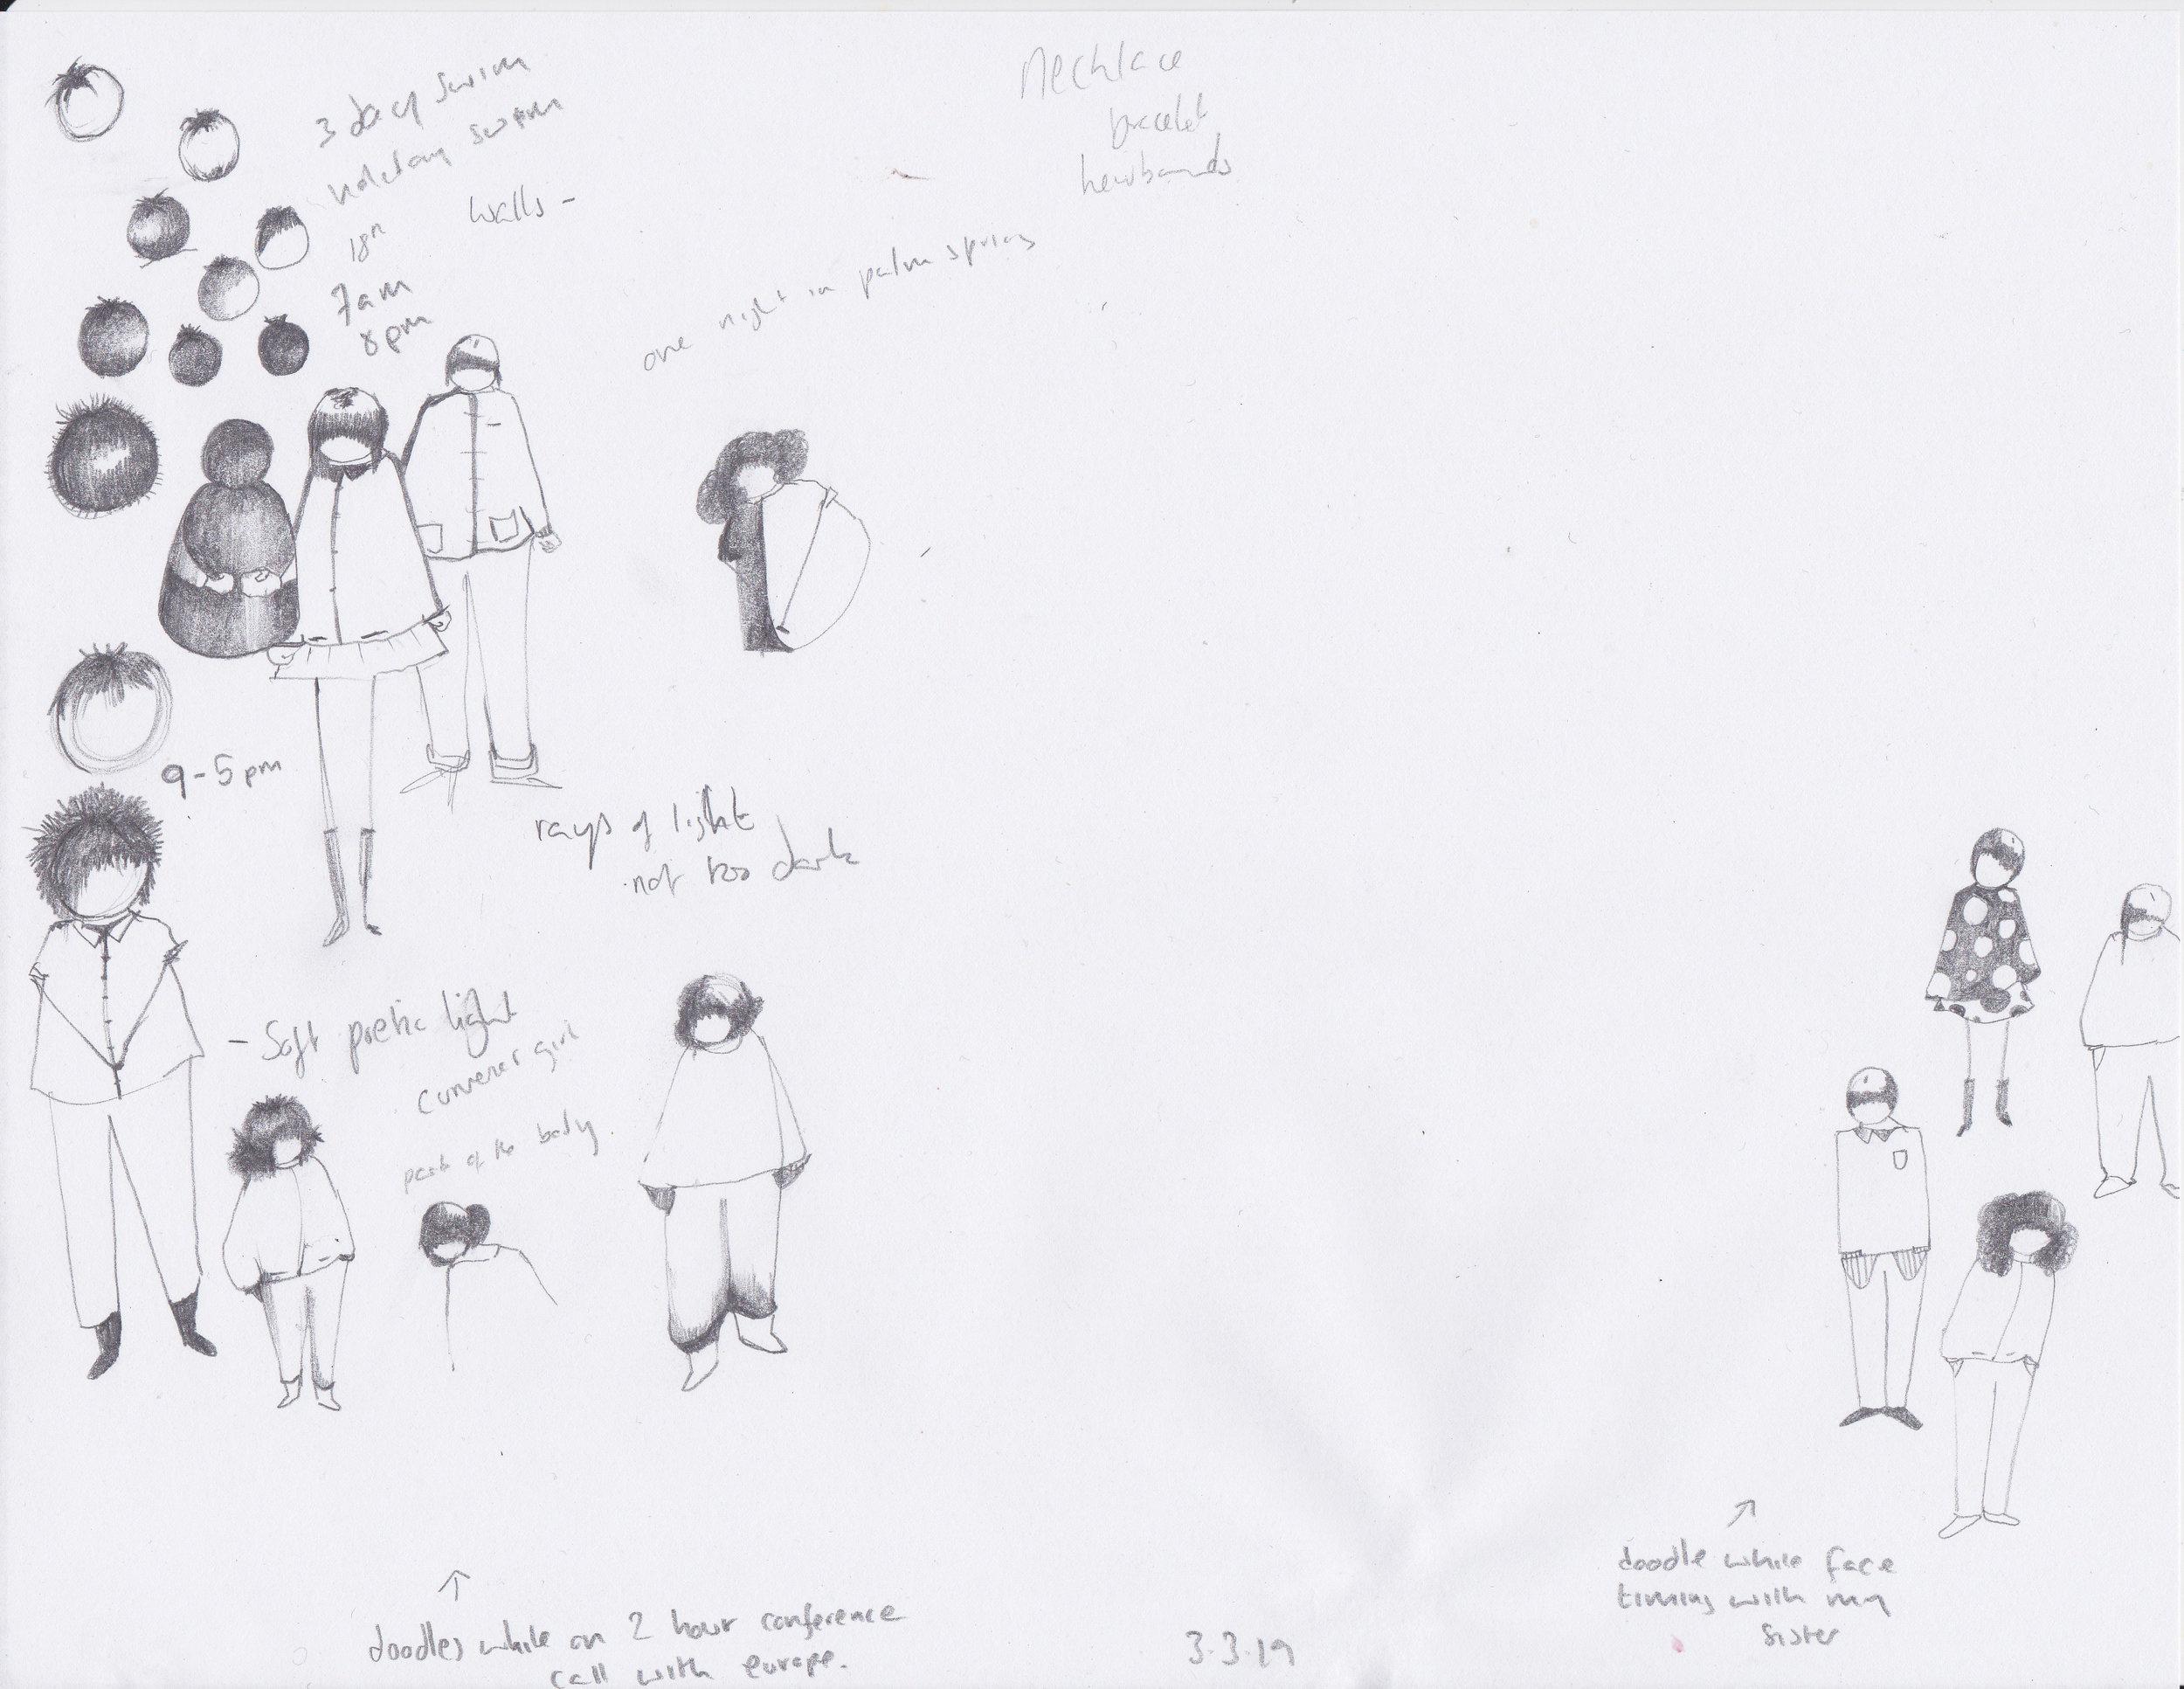 doodle 3.3.19.jpg